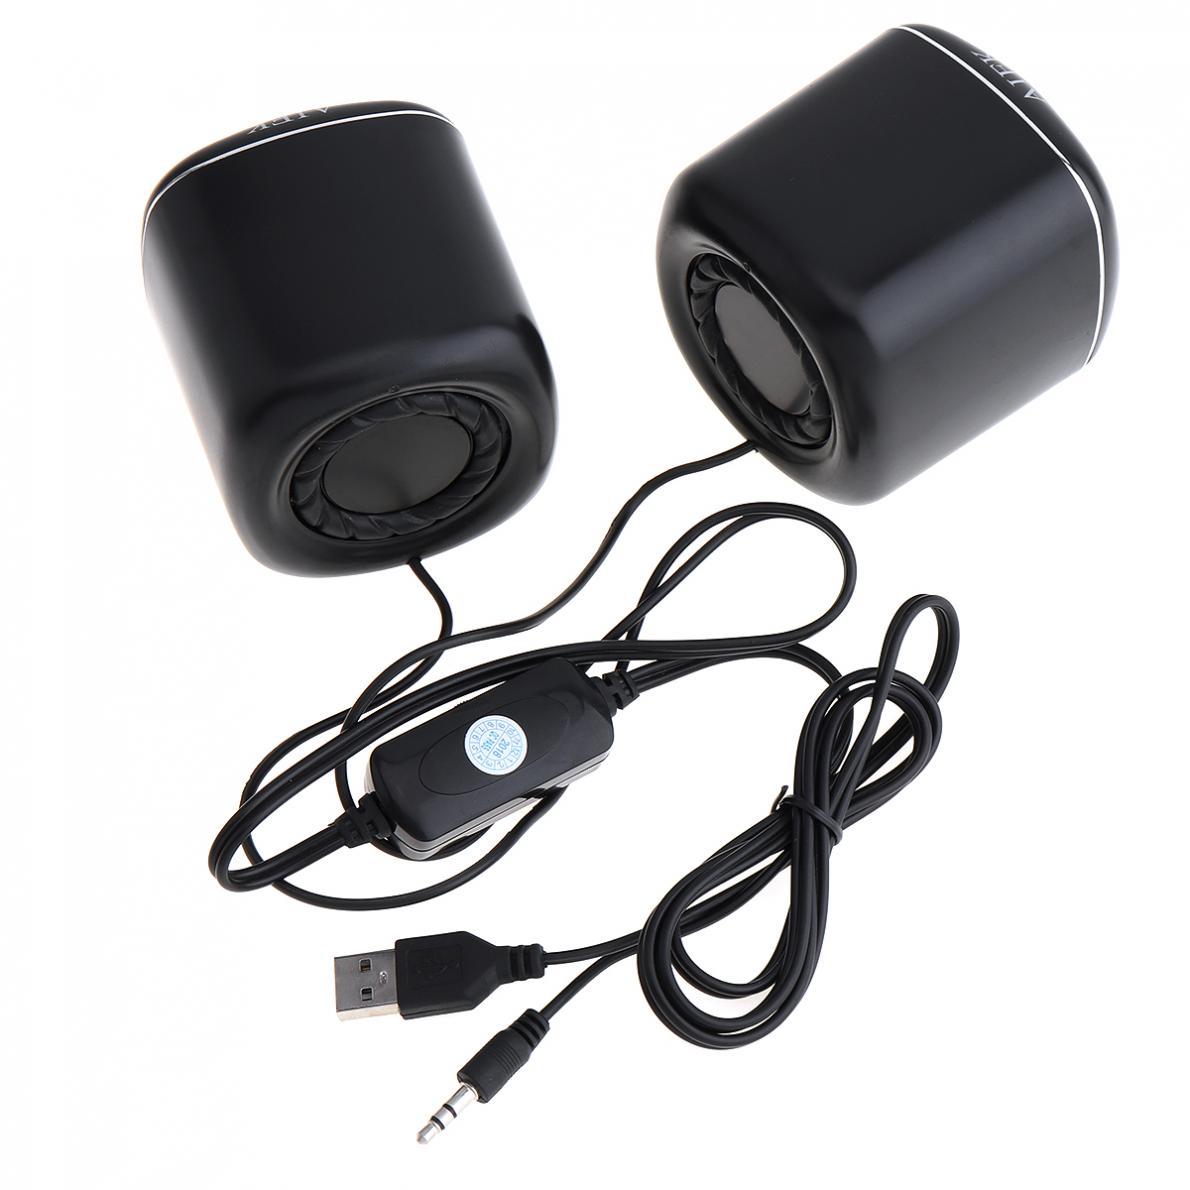 Bonks Dx11 Мини Портативный USB2.0 сабвуфер маленький динамик с 3 5 мм аудио разъем и USB 25683-description-3-l2.jpg